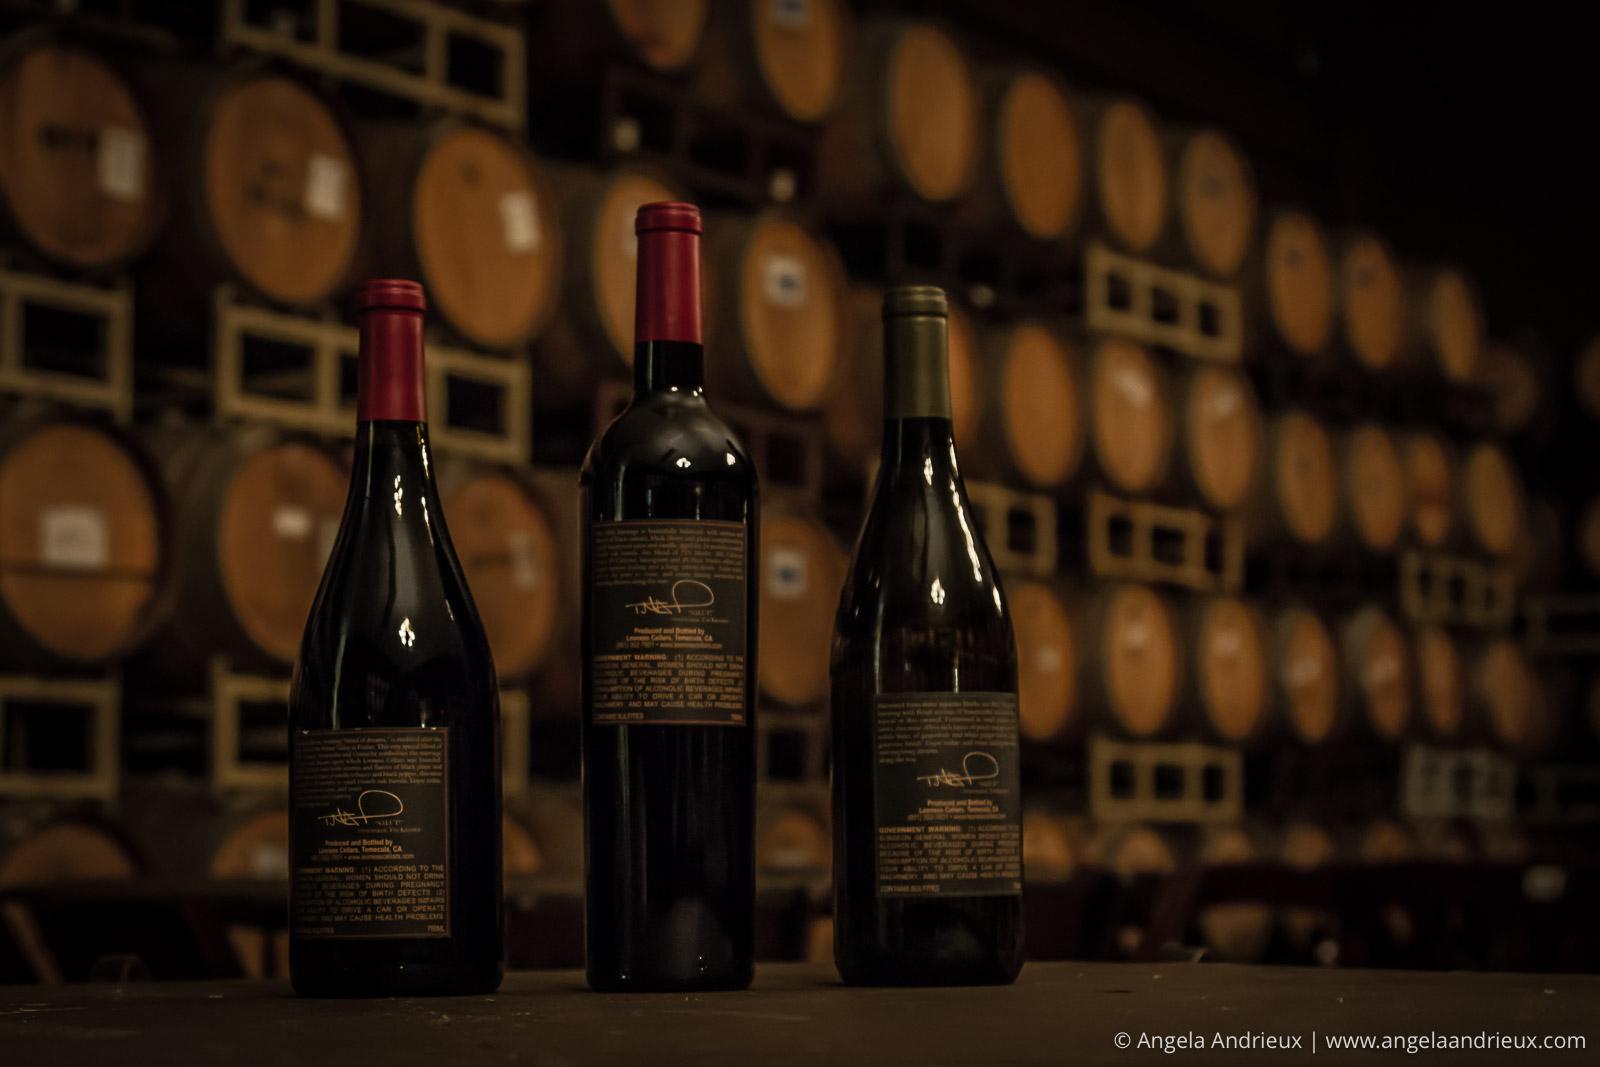 Wine bottles and barrels